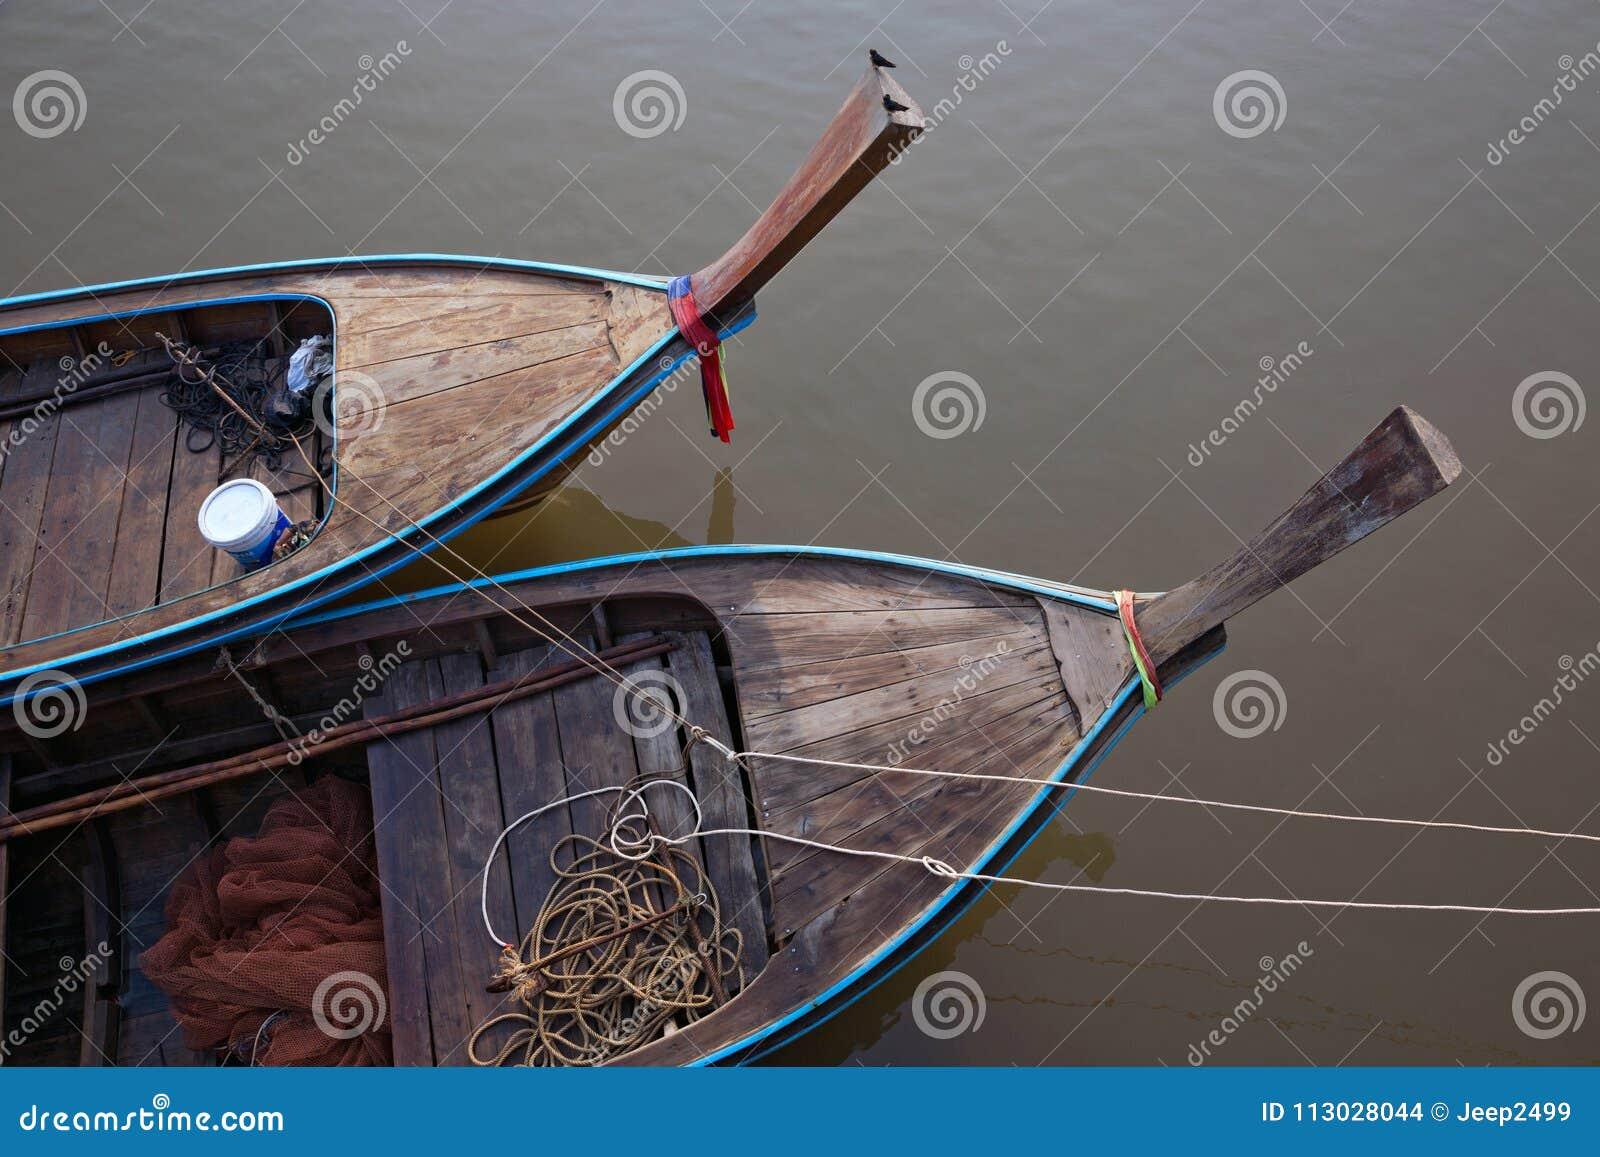 El jefe de un barco de pesca en el río